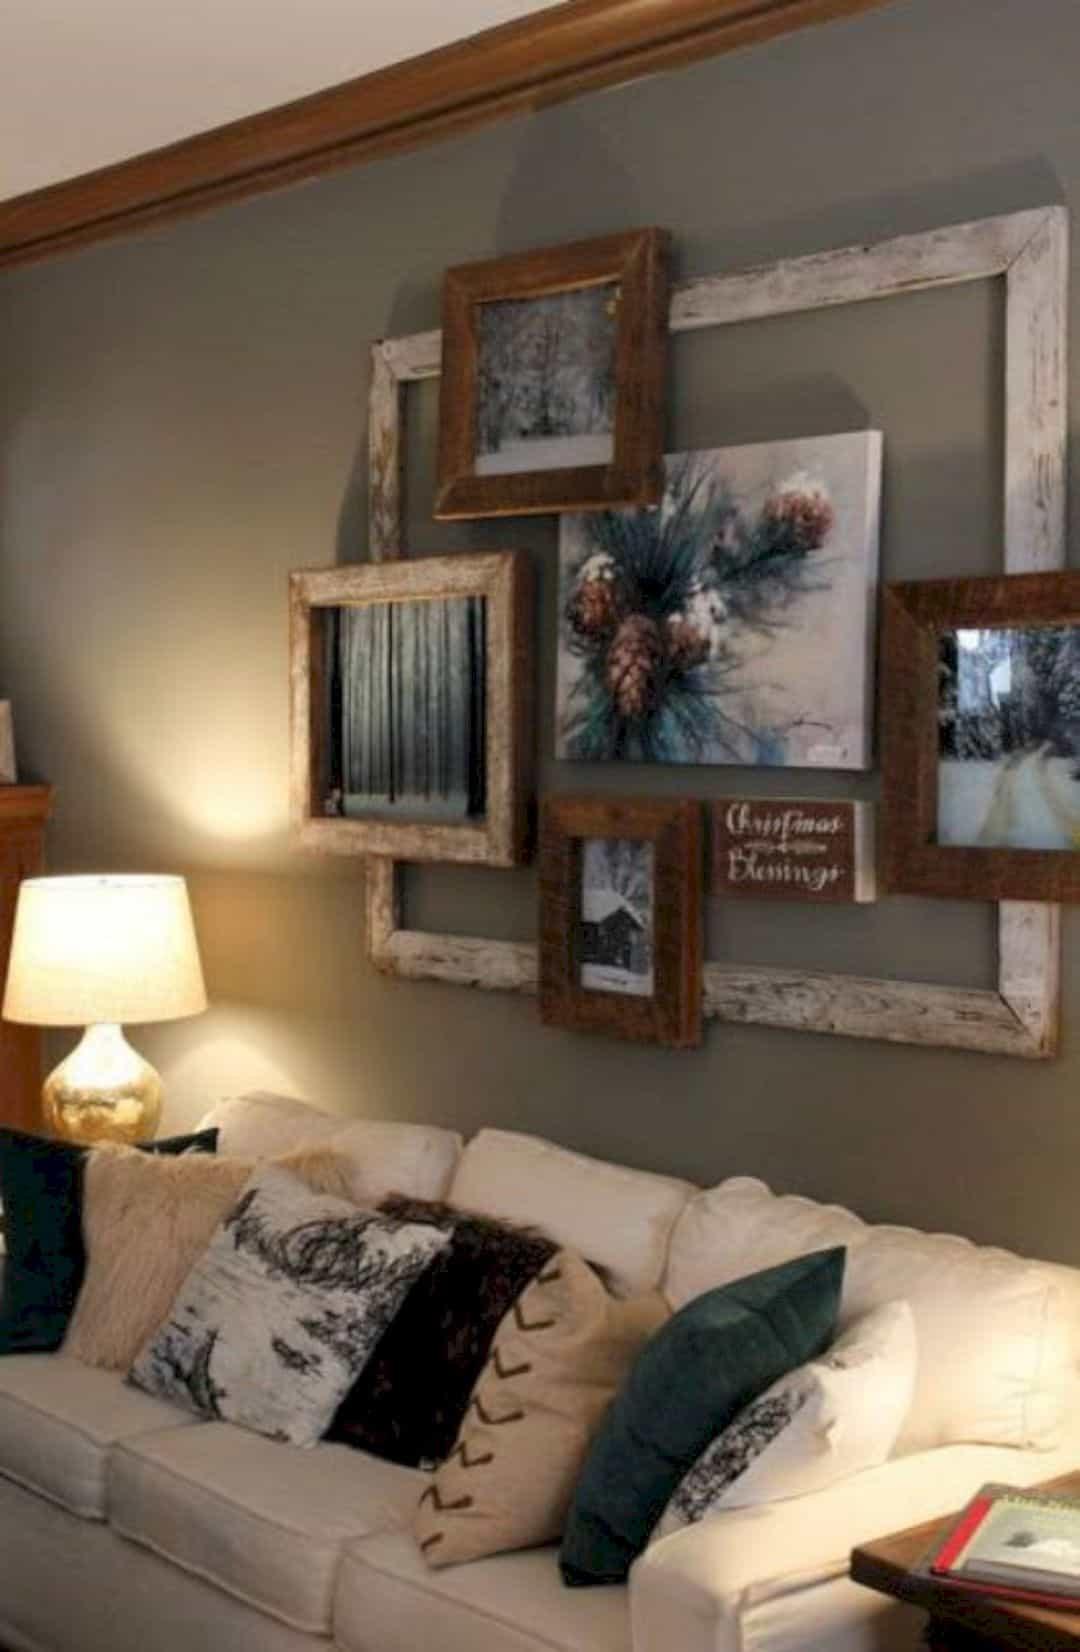 Diy Living Room Ideas  17 DIY Rustic Home Decor Ideas for Living Room